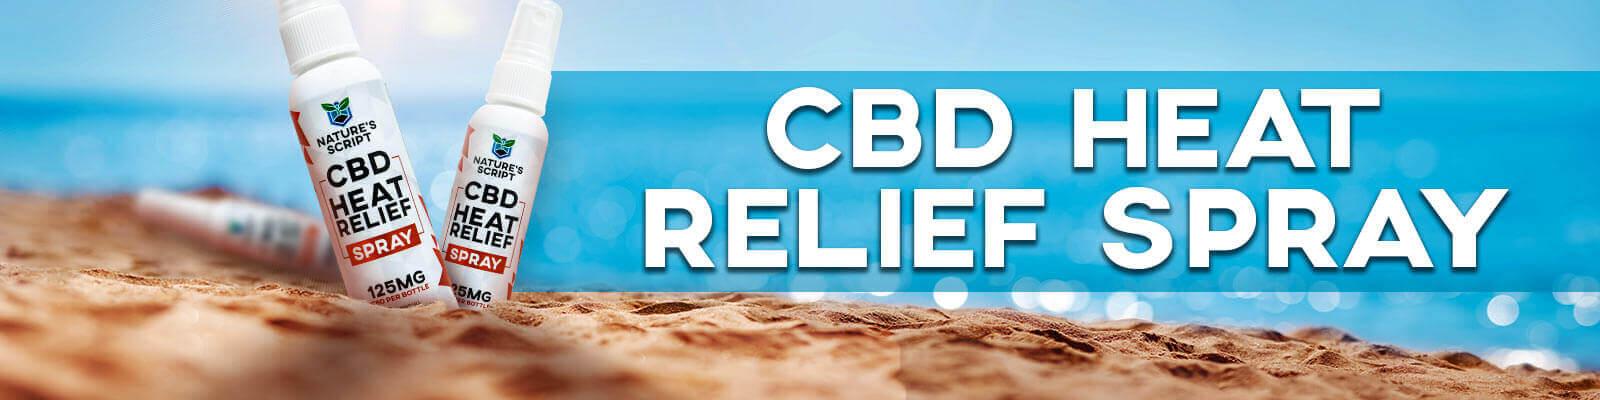 cbd heat relief spray banner